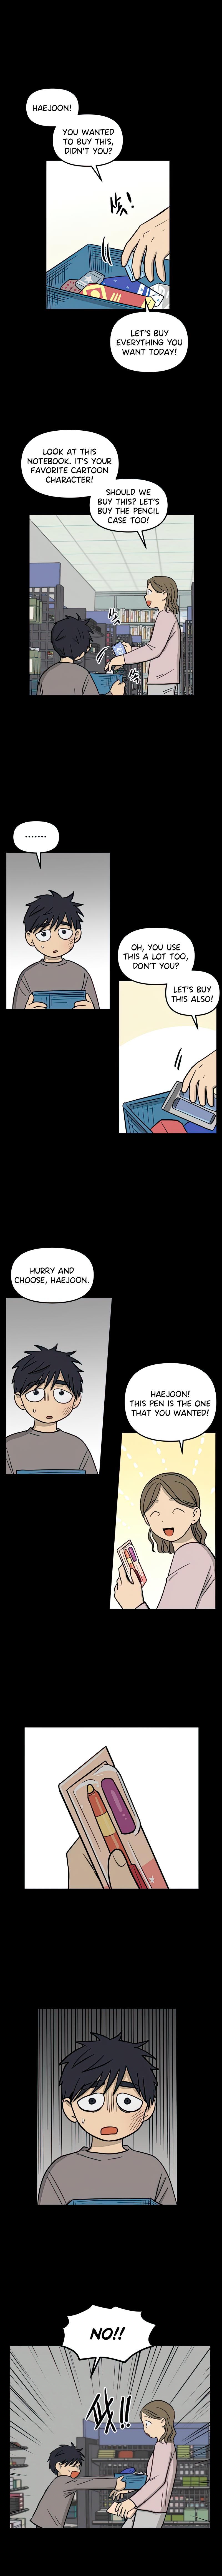 No Home Chapter 109: Haejoon Goh And Eunyung Baek (4) page 3 - Mangakakalots.com